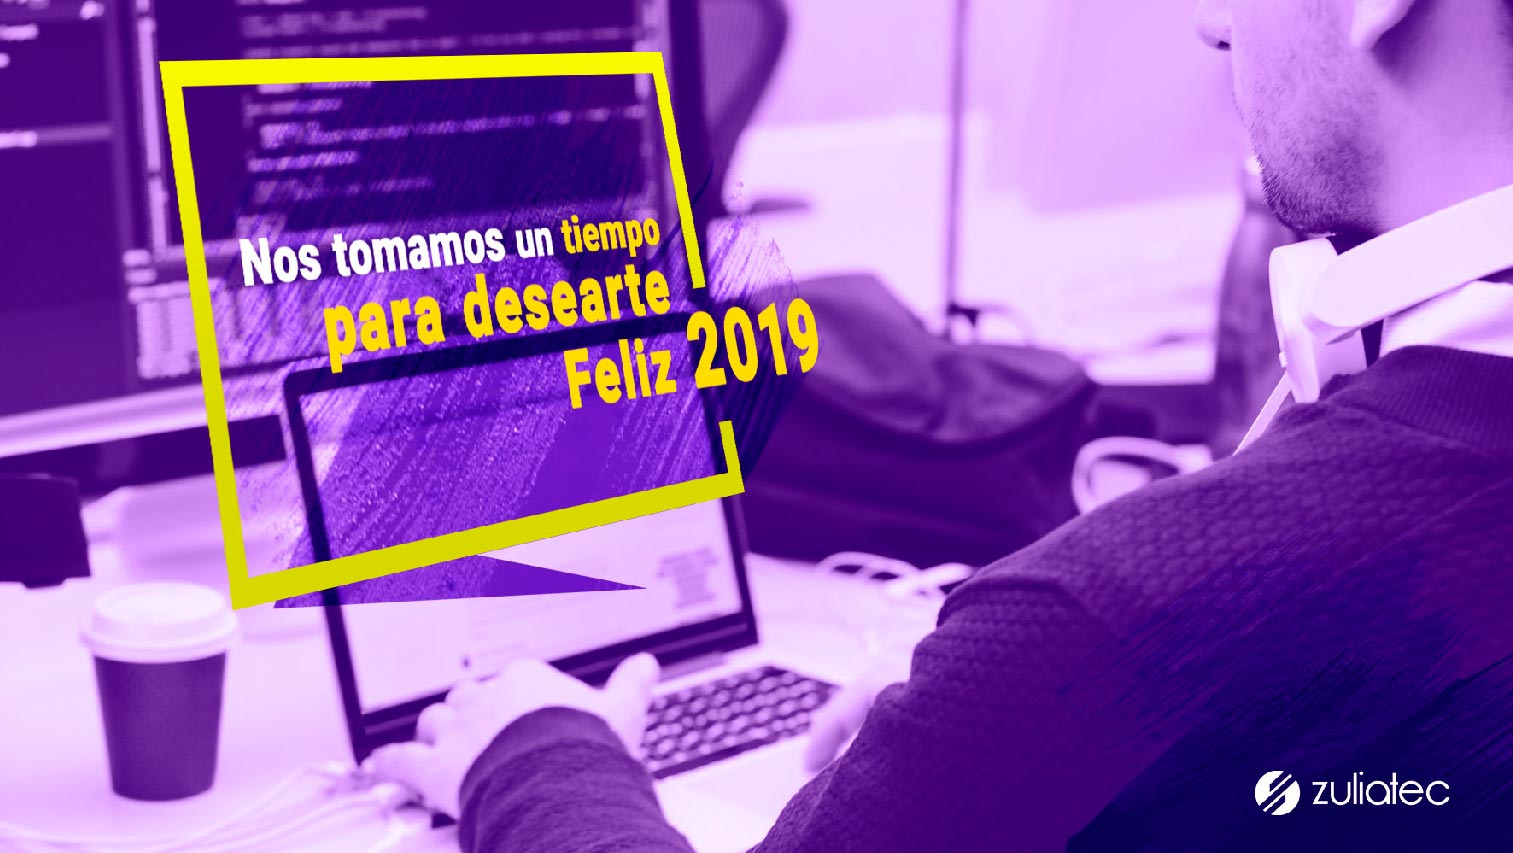 nos-tomamos-tiempo-para-desearte-un-feliz-2019-innovacion-digital-venezuela-zuliatec